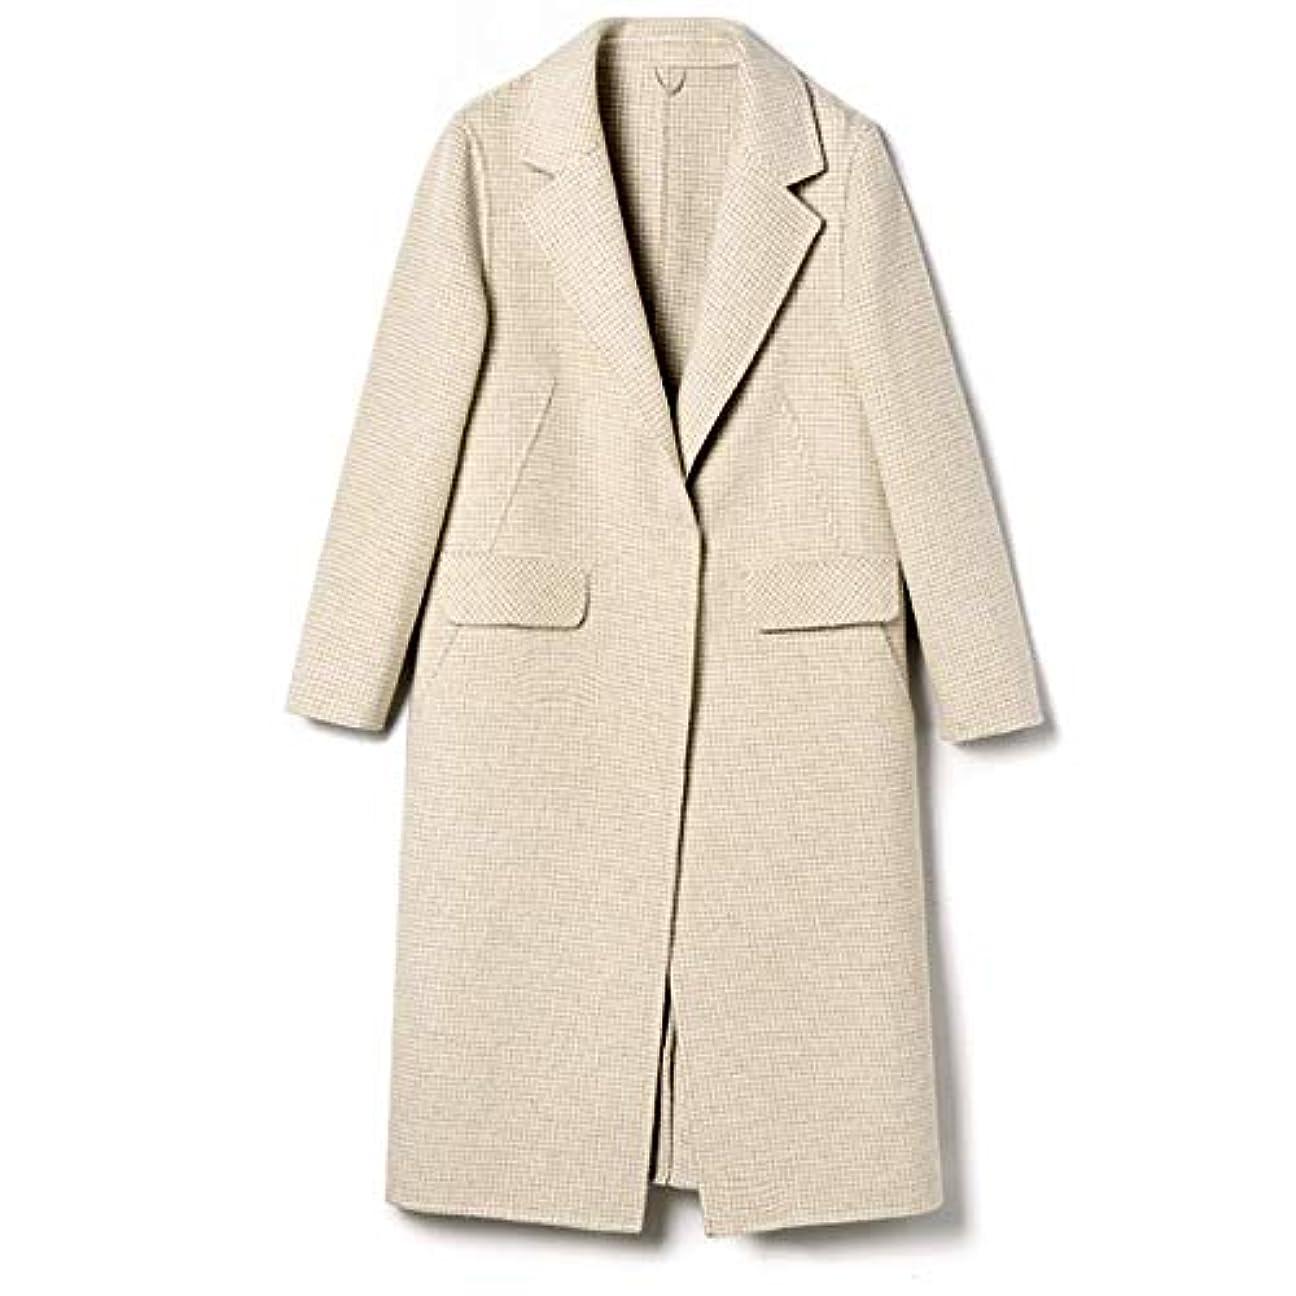 合図なめる調査秋と冬の新しいウールコート、ハンドメイド両面カシミヤコート長いセクションの女性ウールコートレディースジャケットレディースウインドブレーカージャケット,C,XL